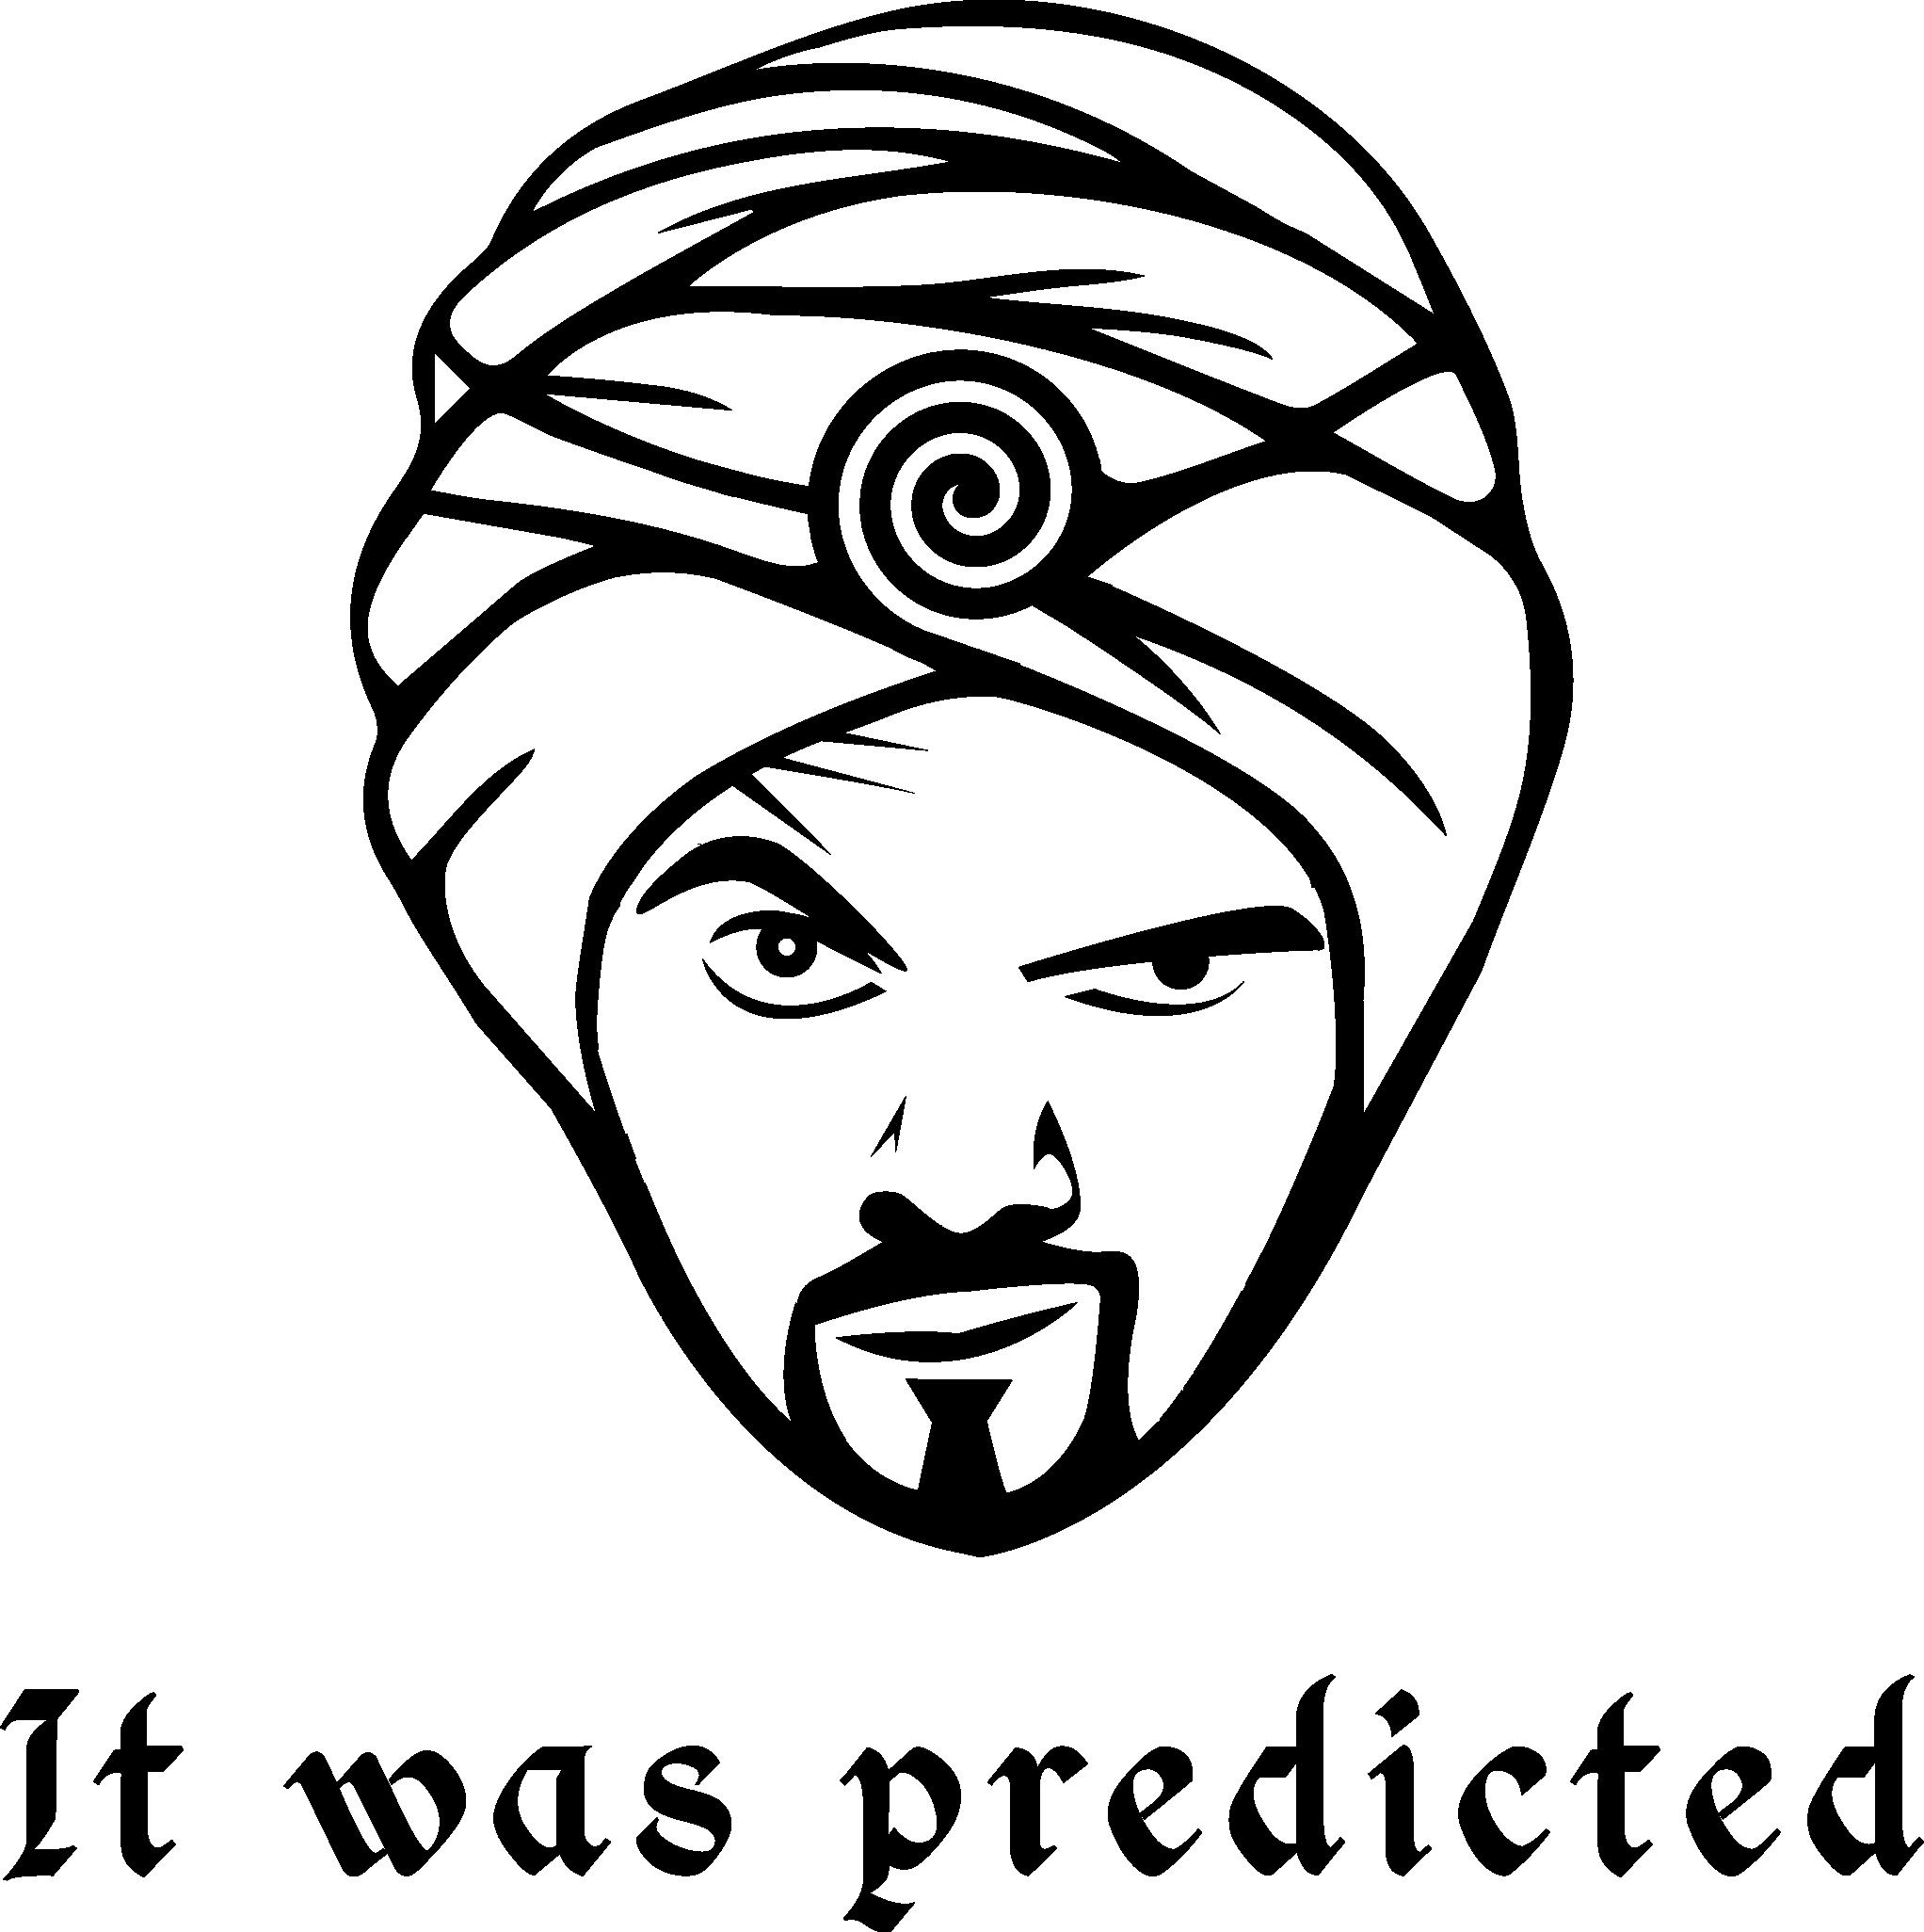 Iconic logo - flat and bold